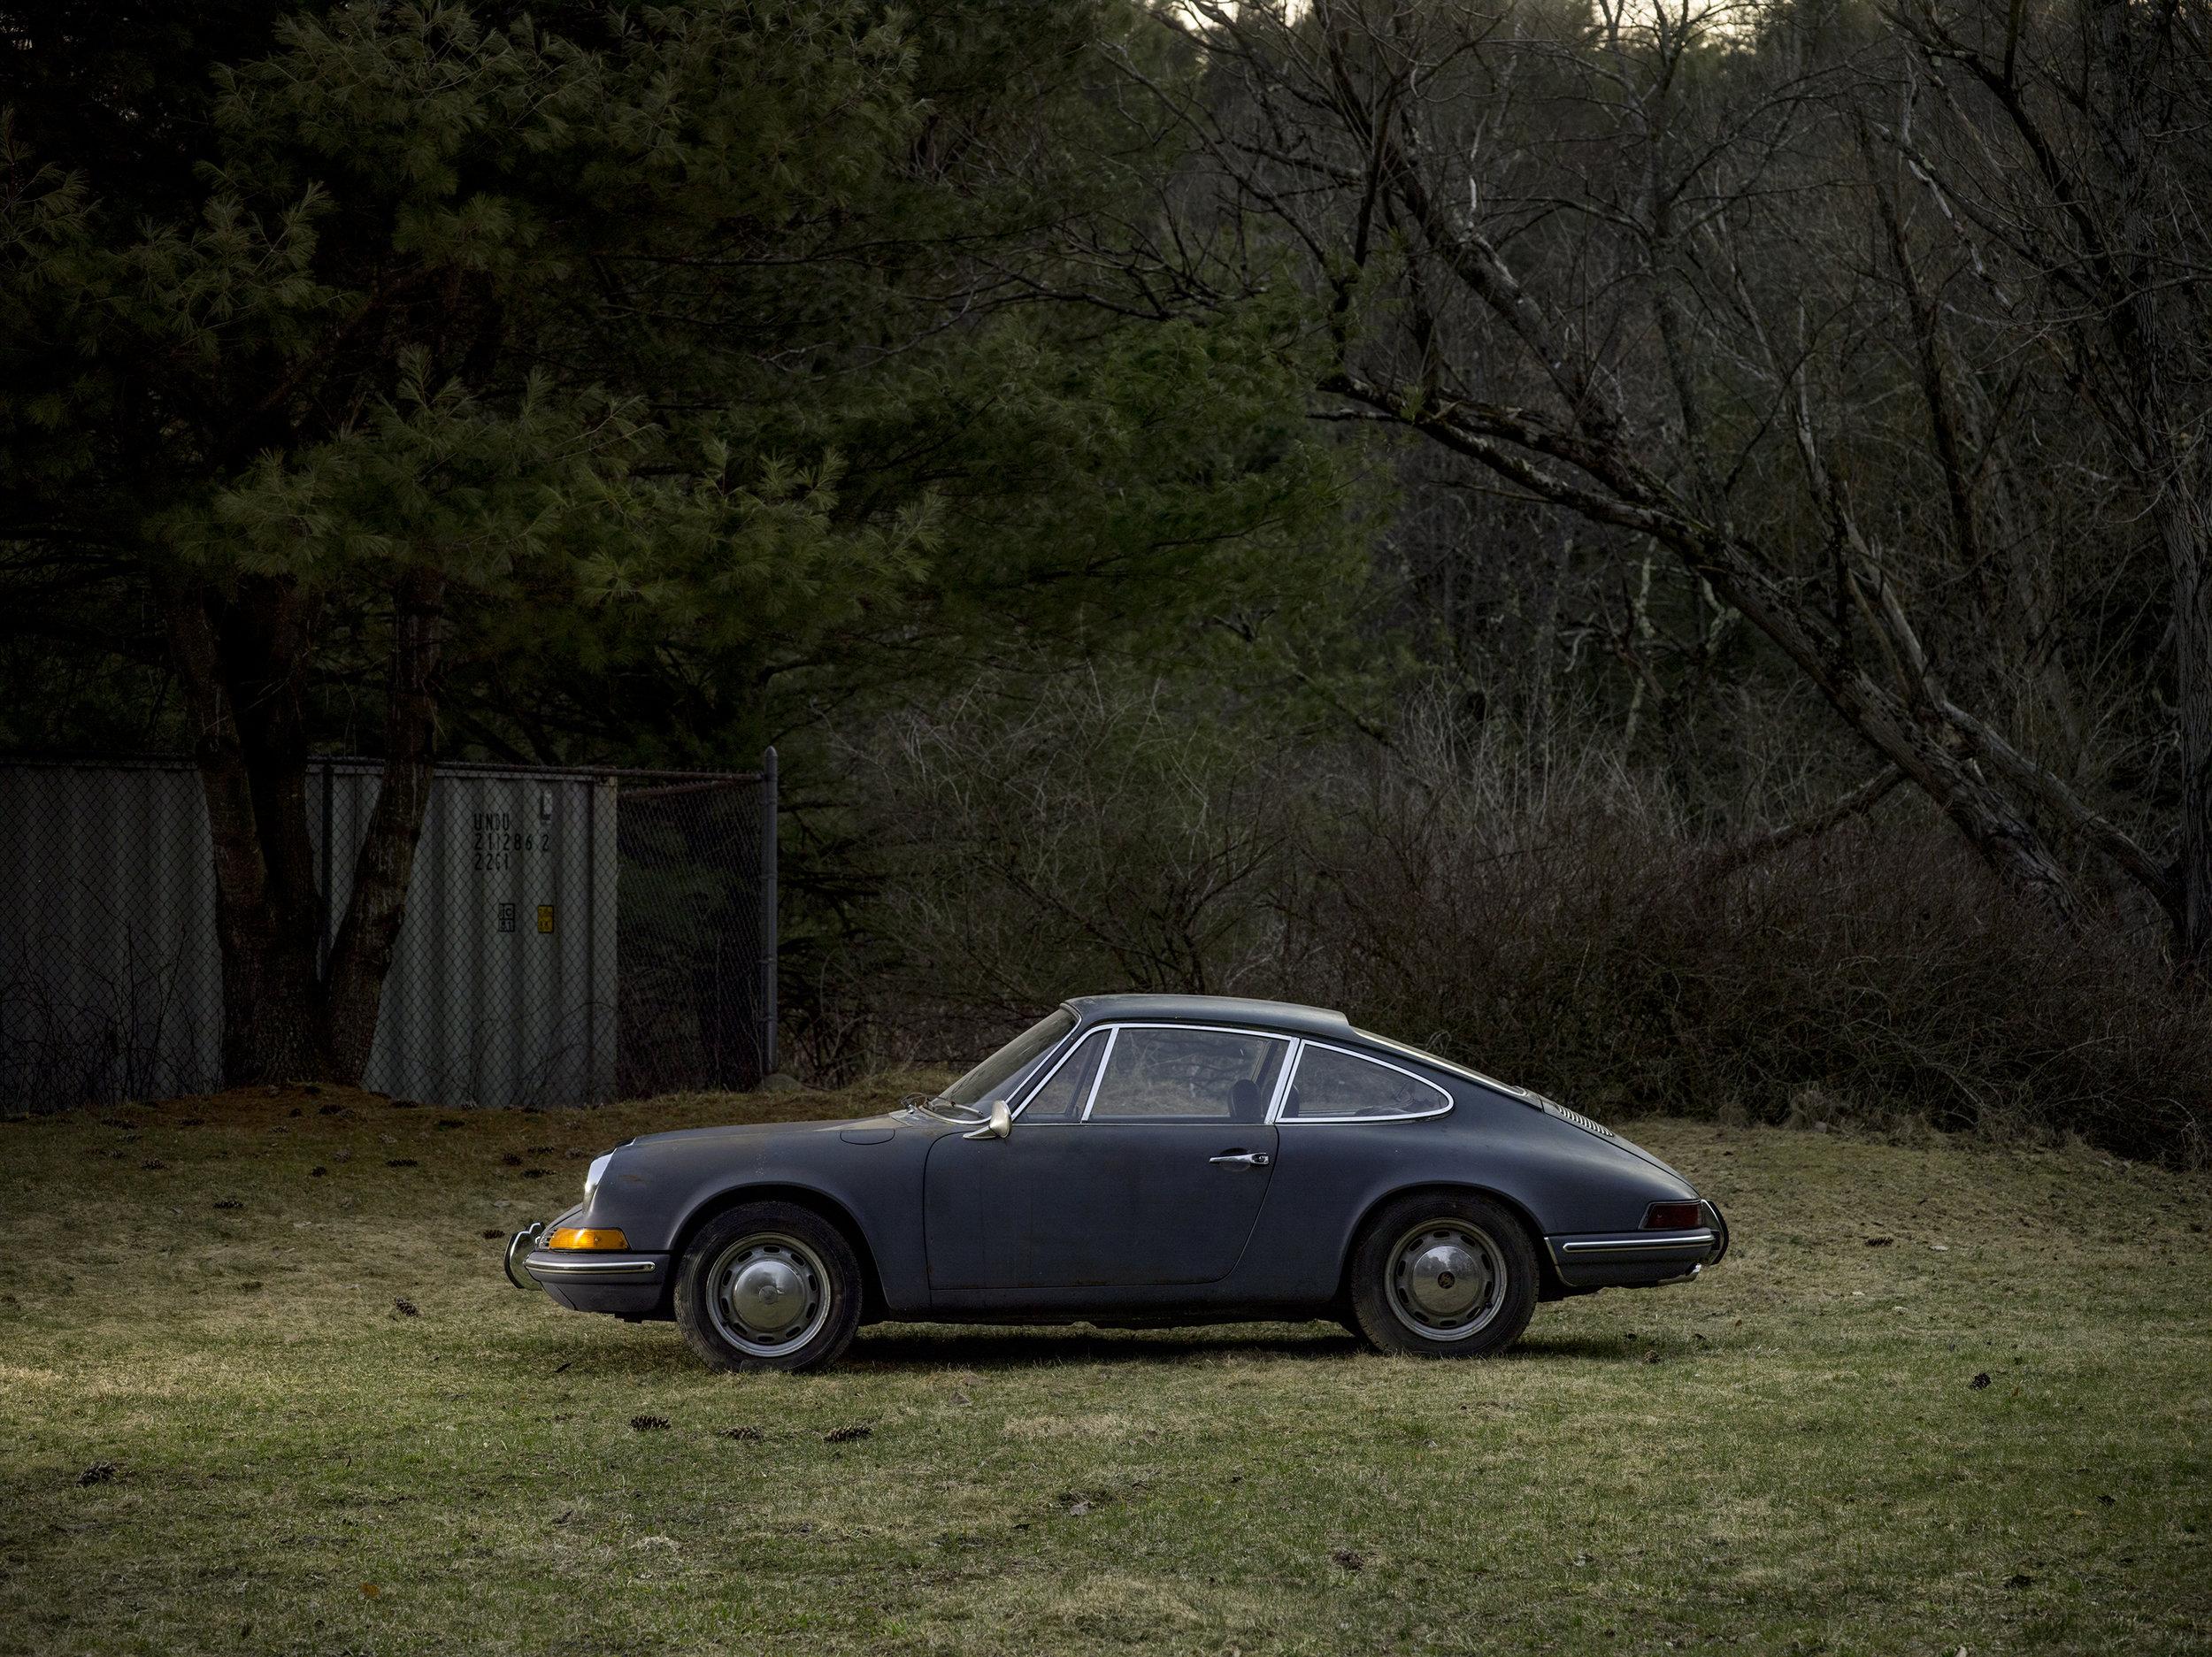 1967 Porsche 912 - Barn Find - SOLD as is